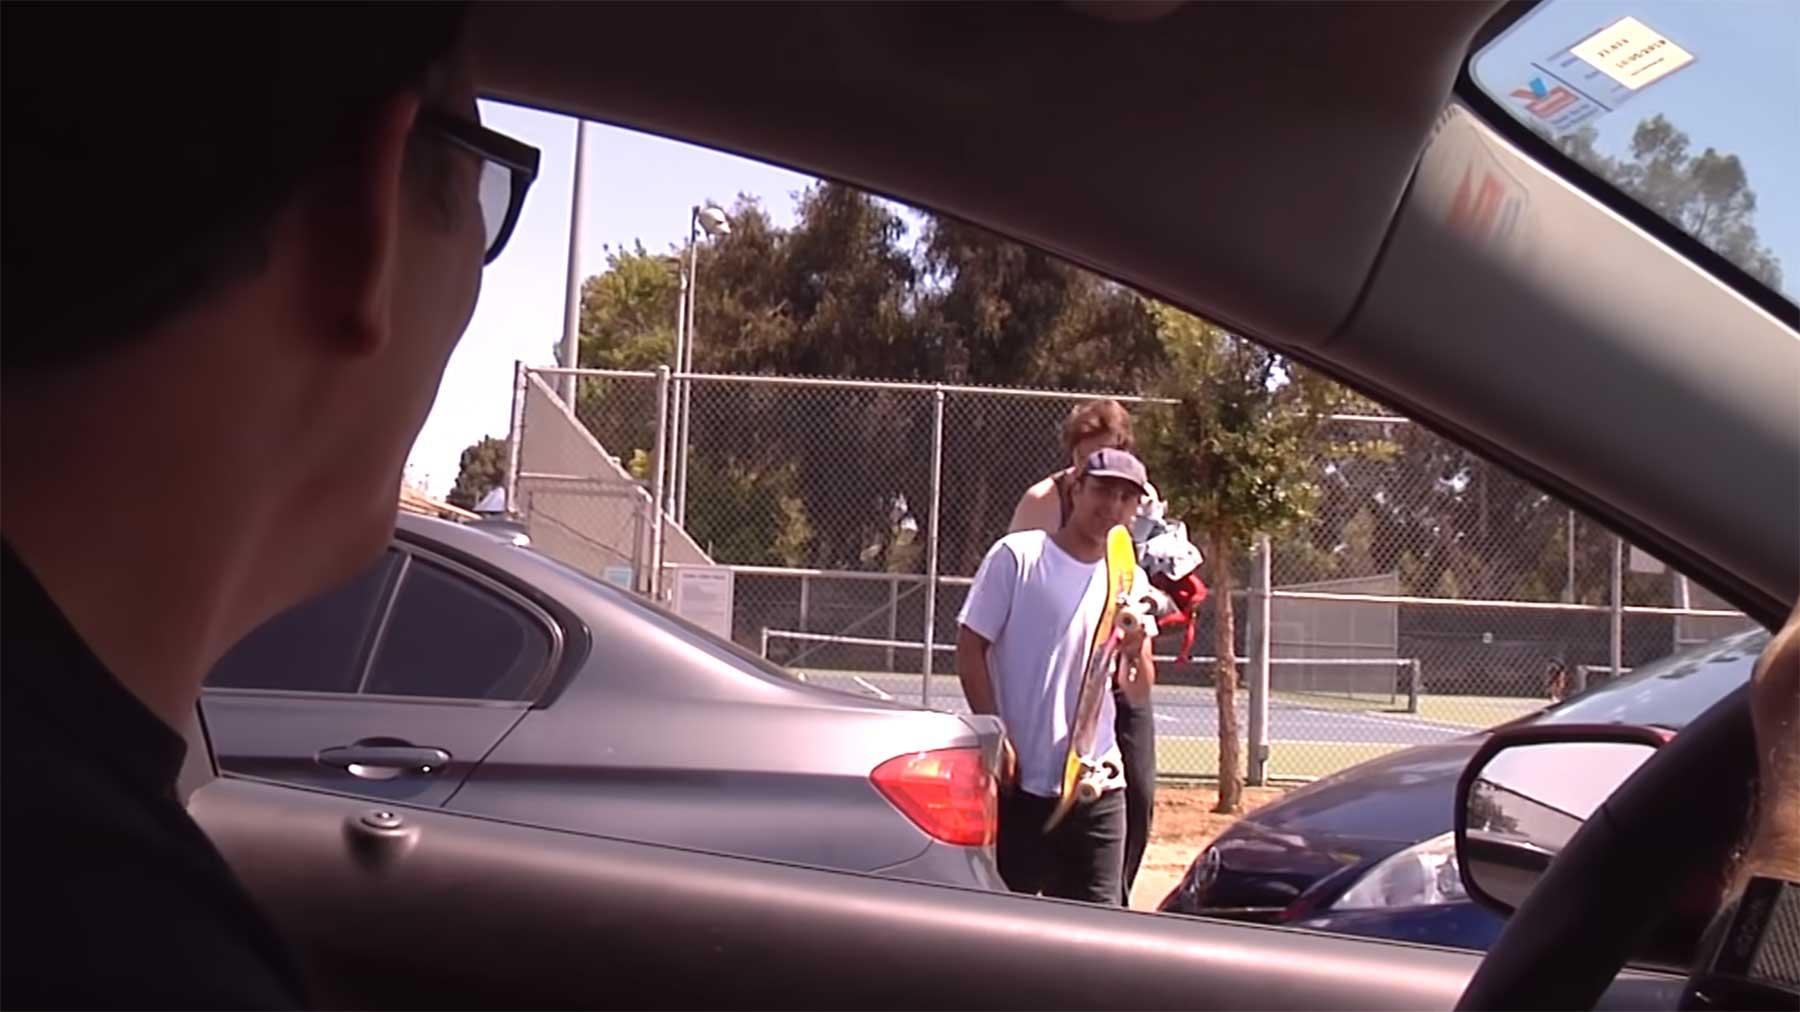 Steve-O fordert Skateboarder aus dem Auto heraus auf, einen Kickflip zu machen